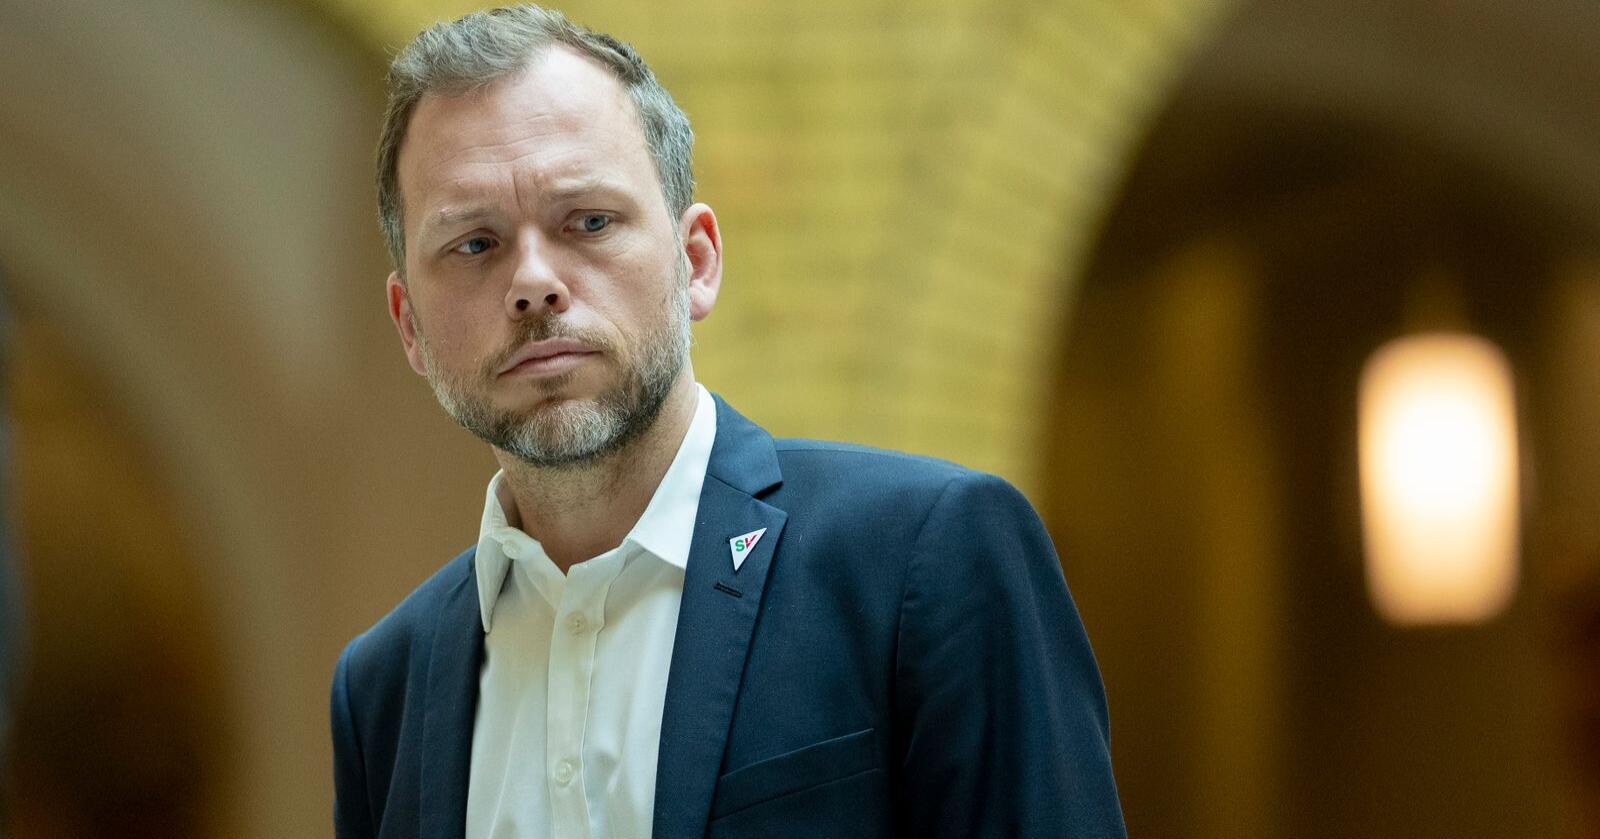 – Ønsket om en utvidelse er stort. Jeg tror tiden er moden for det, sier SV-leder Audun Lysbakken. Foto: Fredrik Hagen / NTB